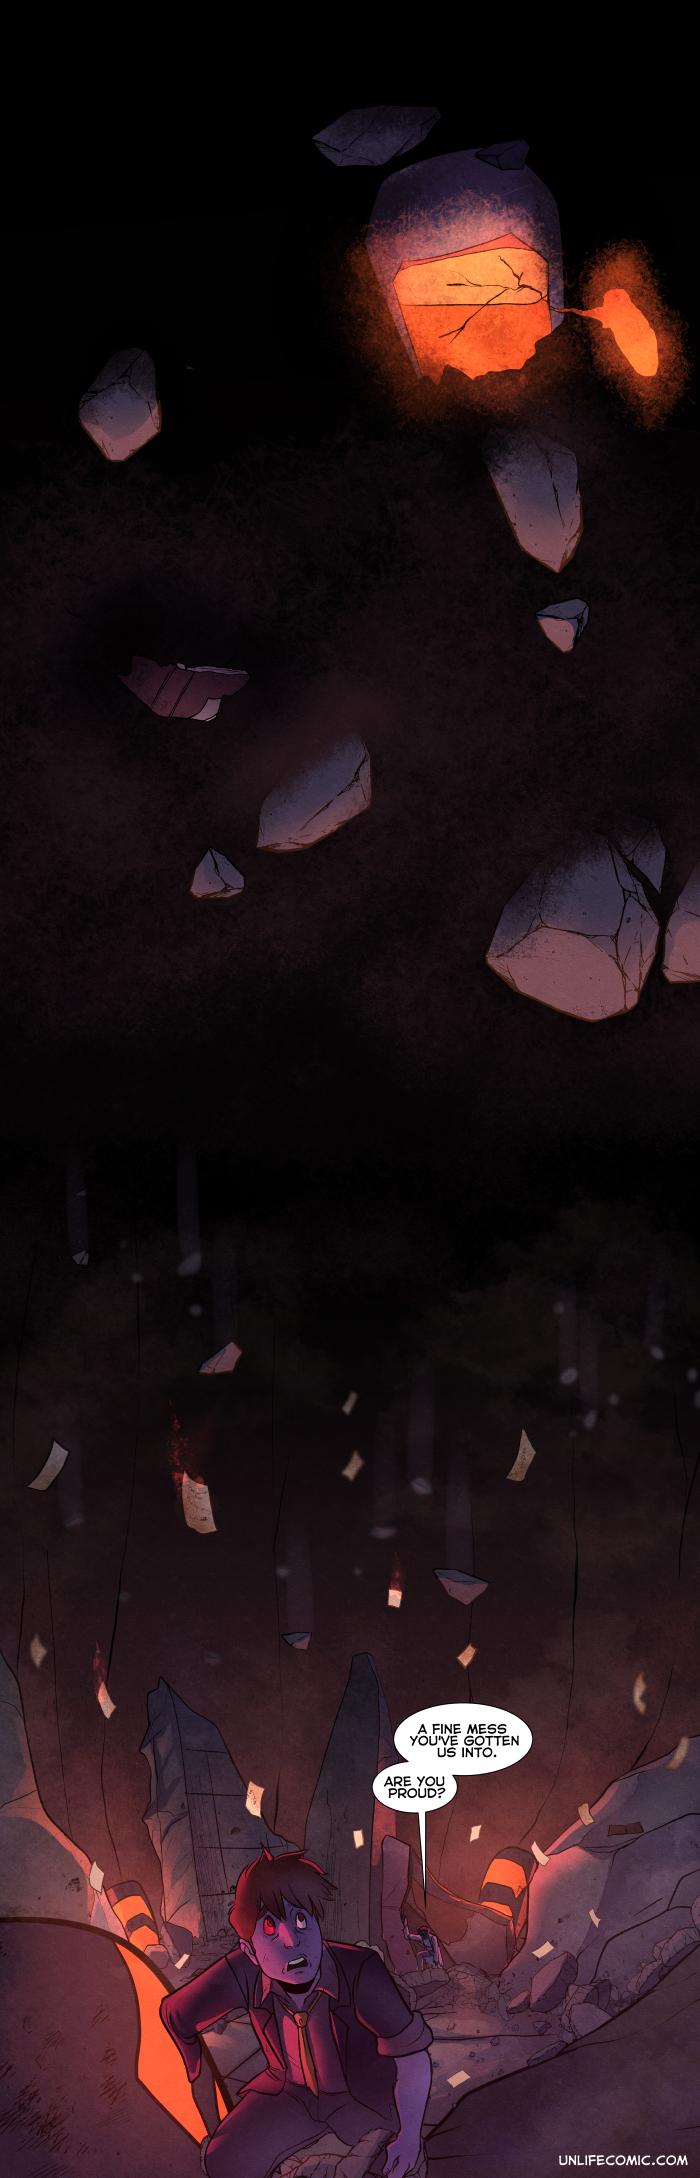 04/04/2019 – Buried